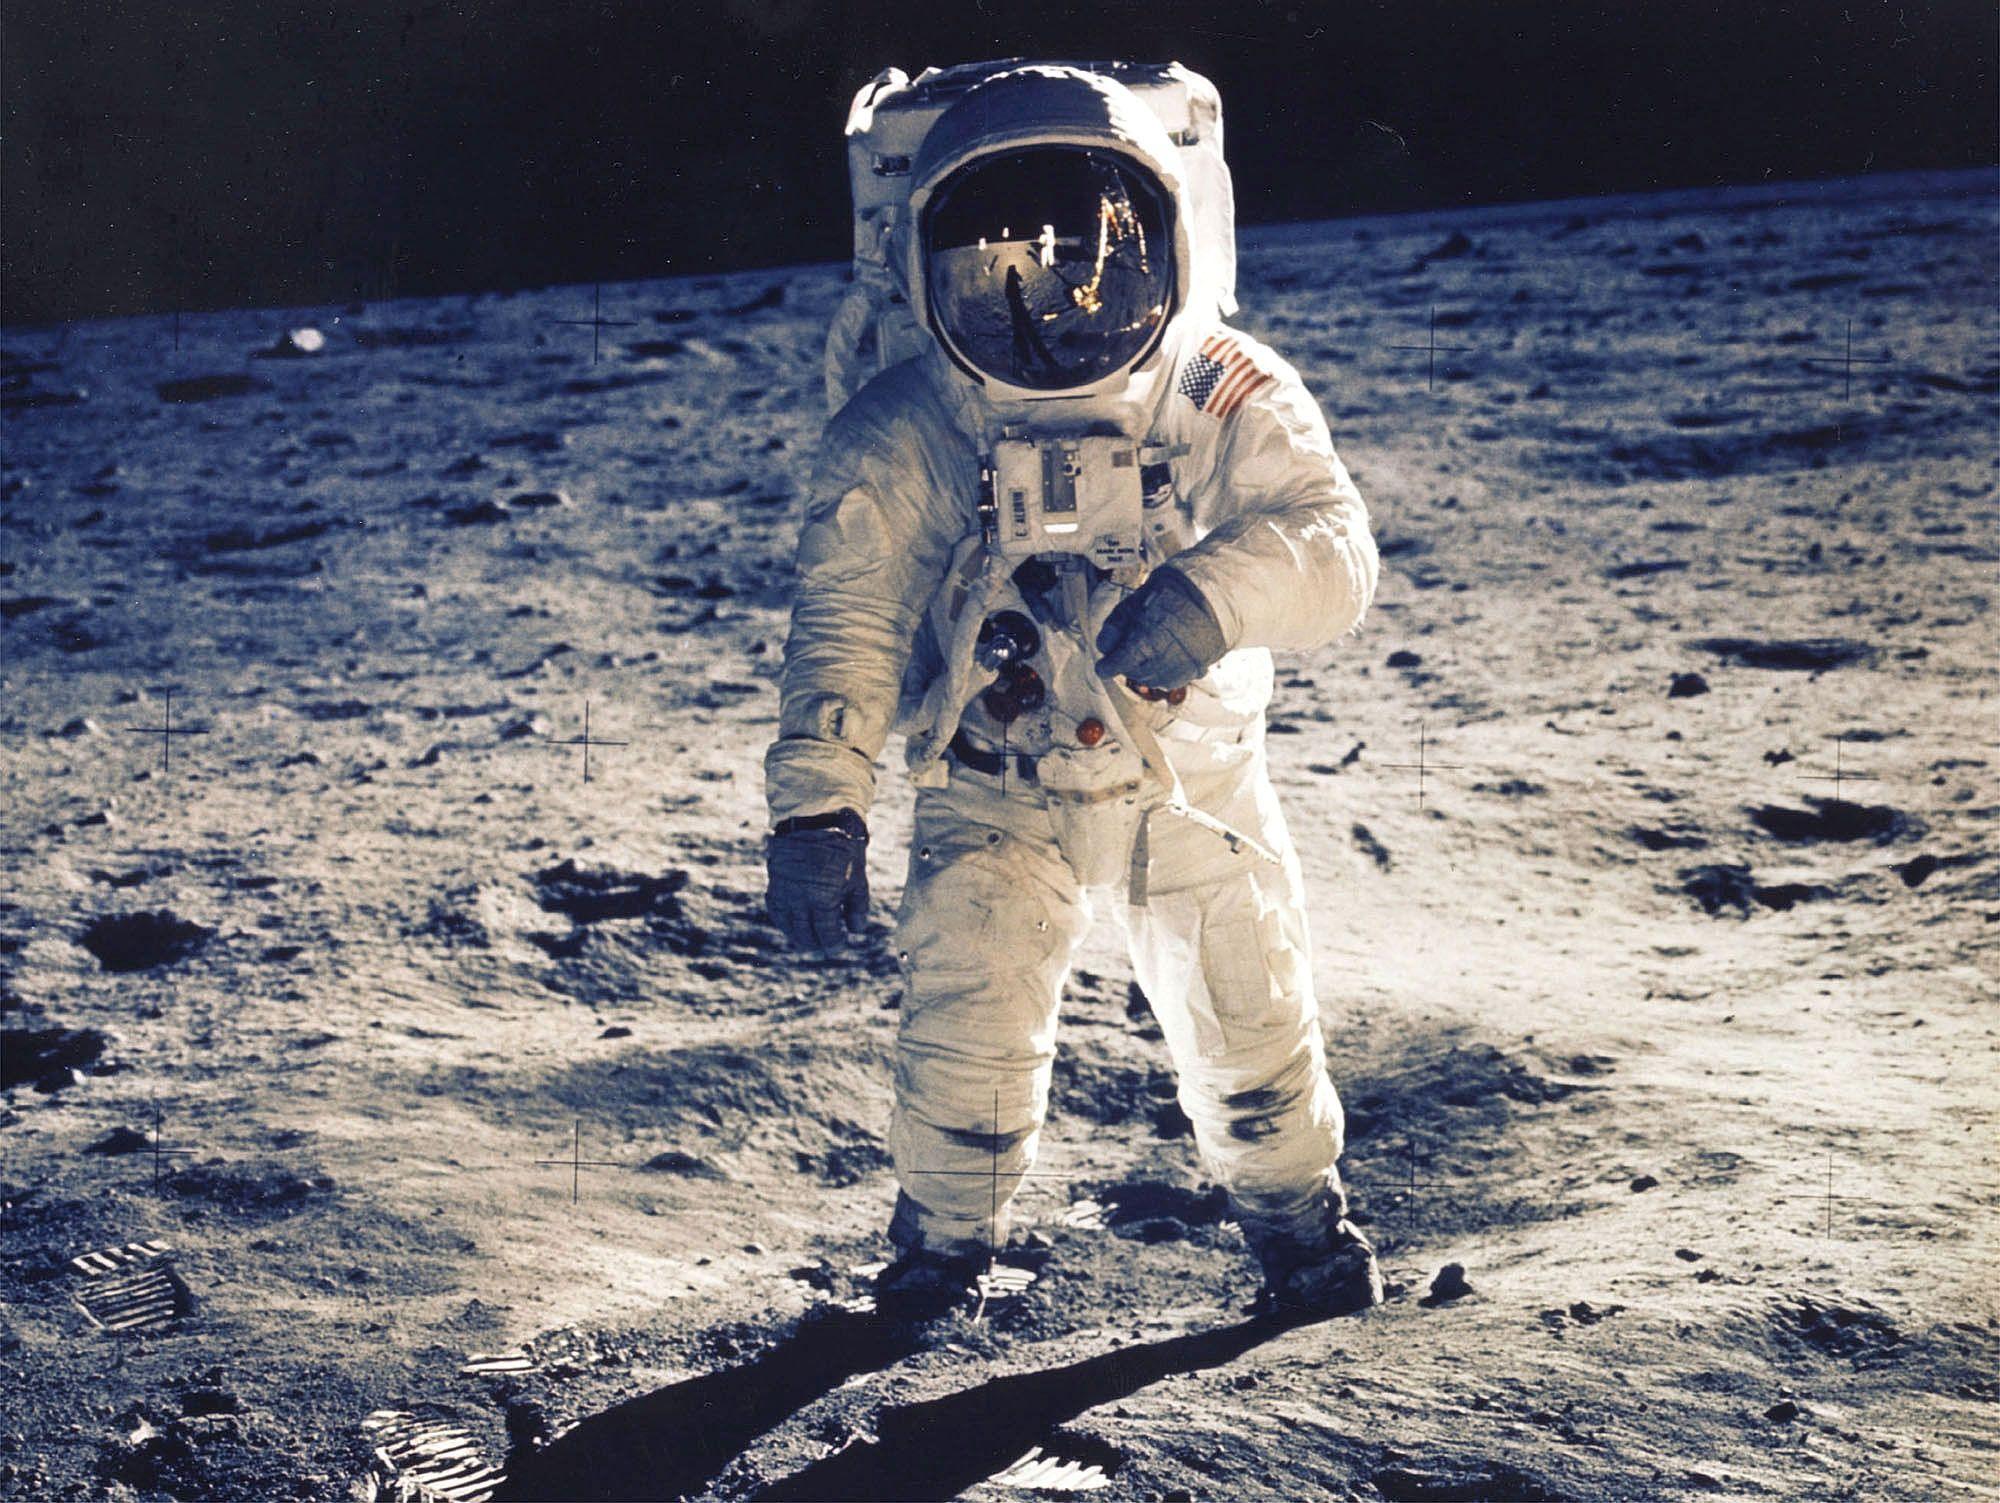 05_08_moon_astronaut_dust